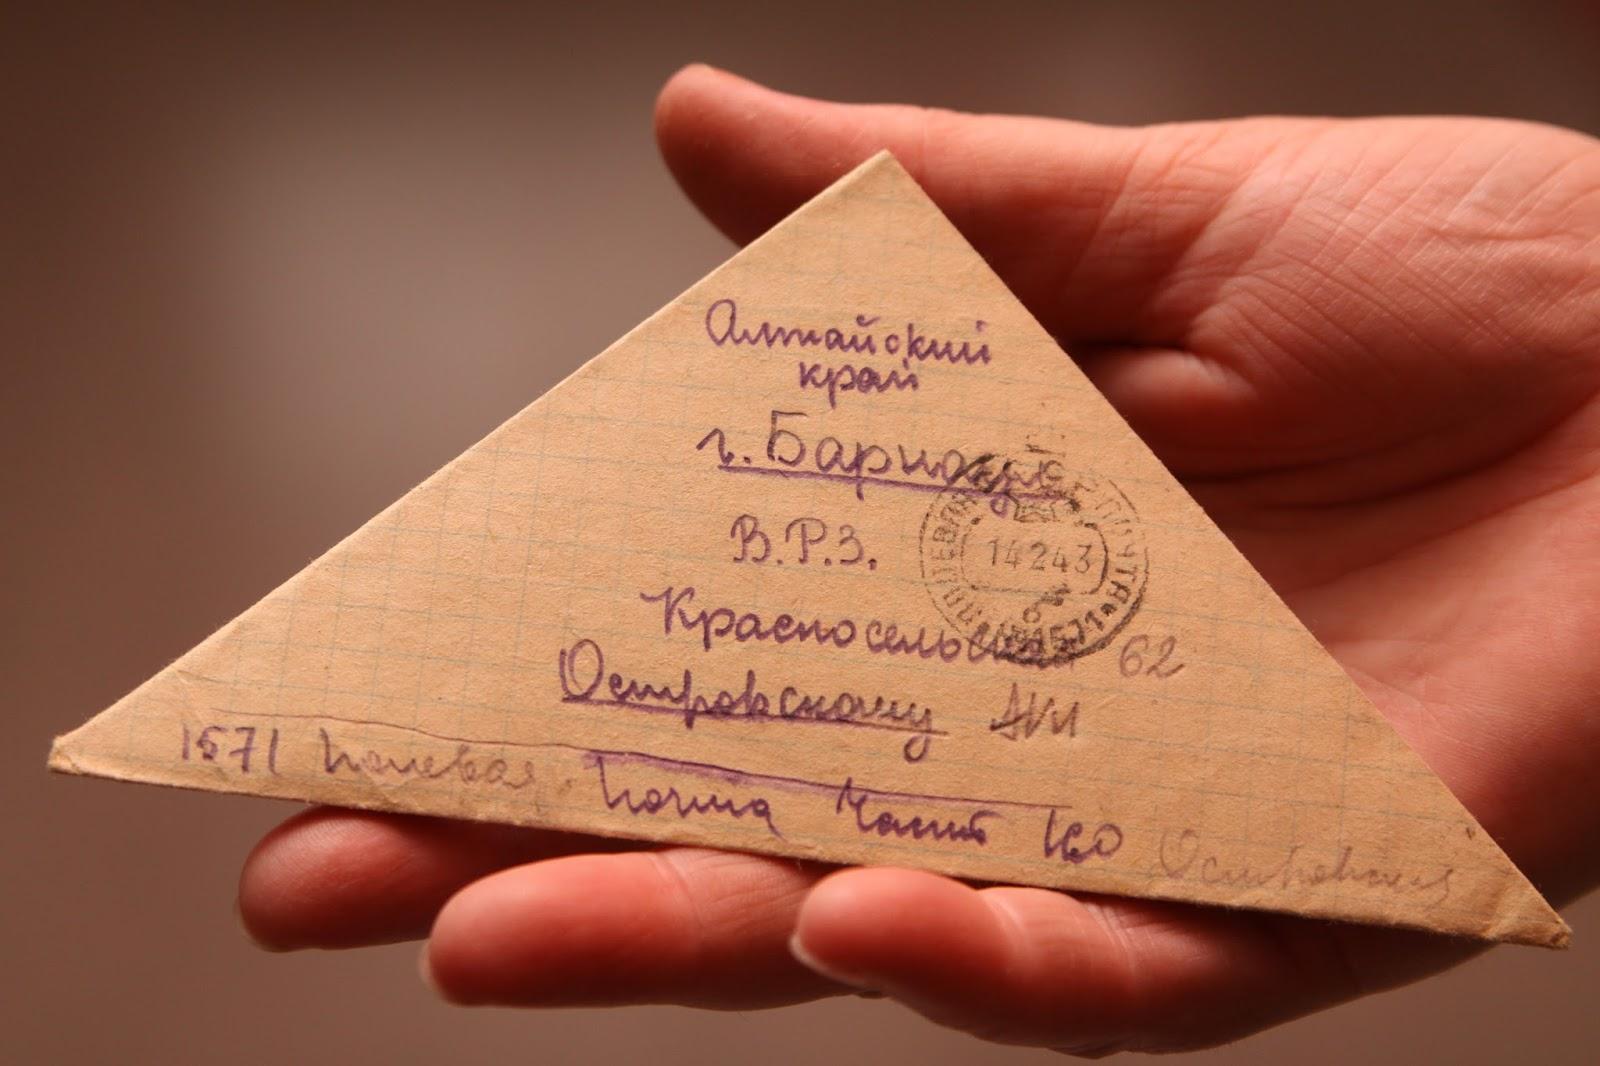 Как сложить письмо треугольником